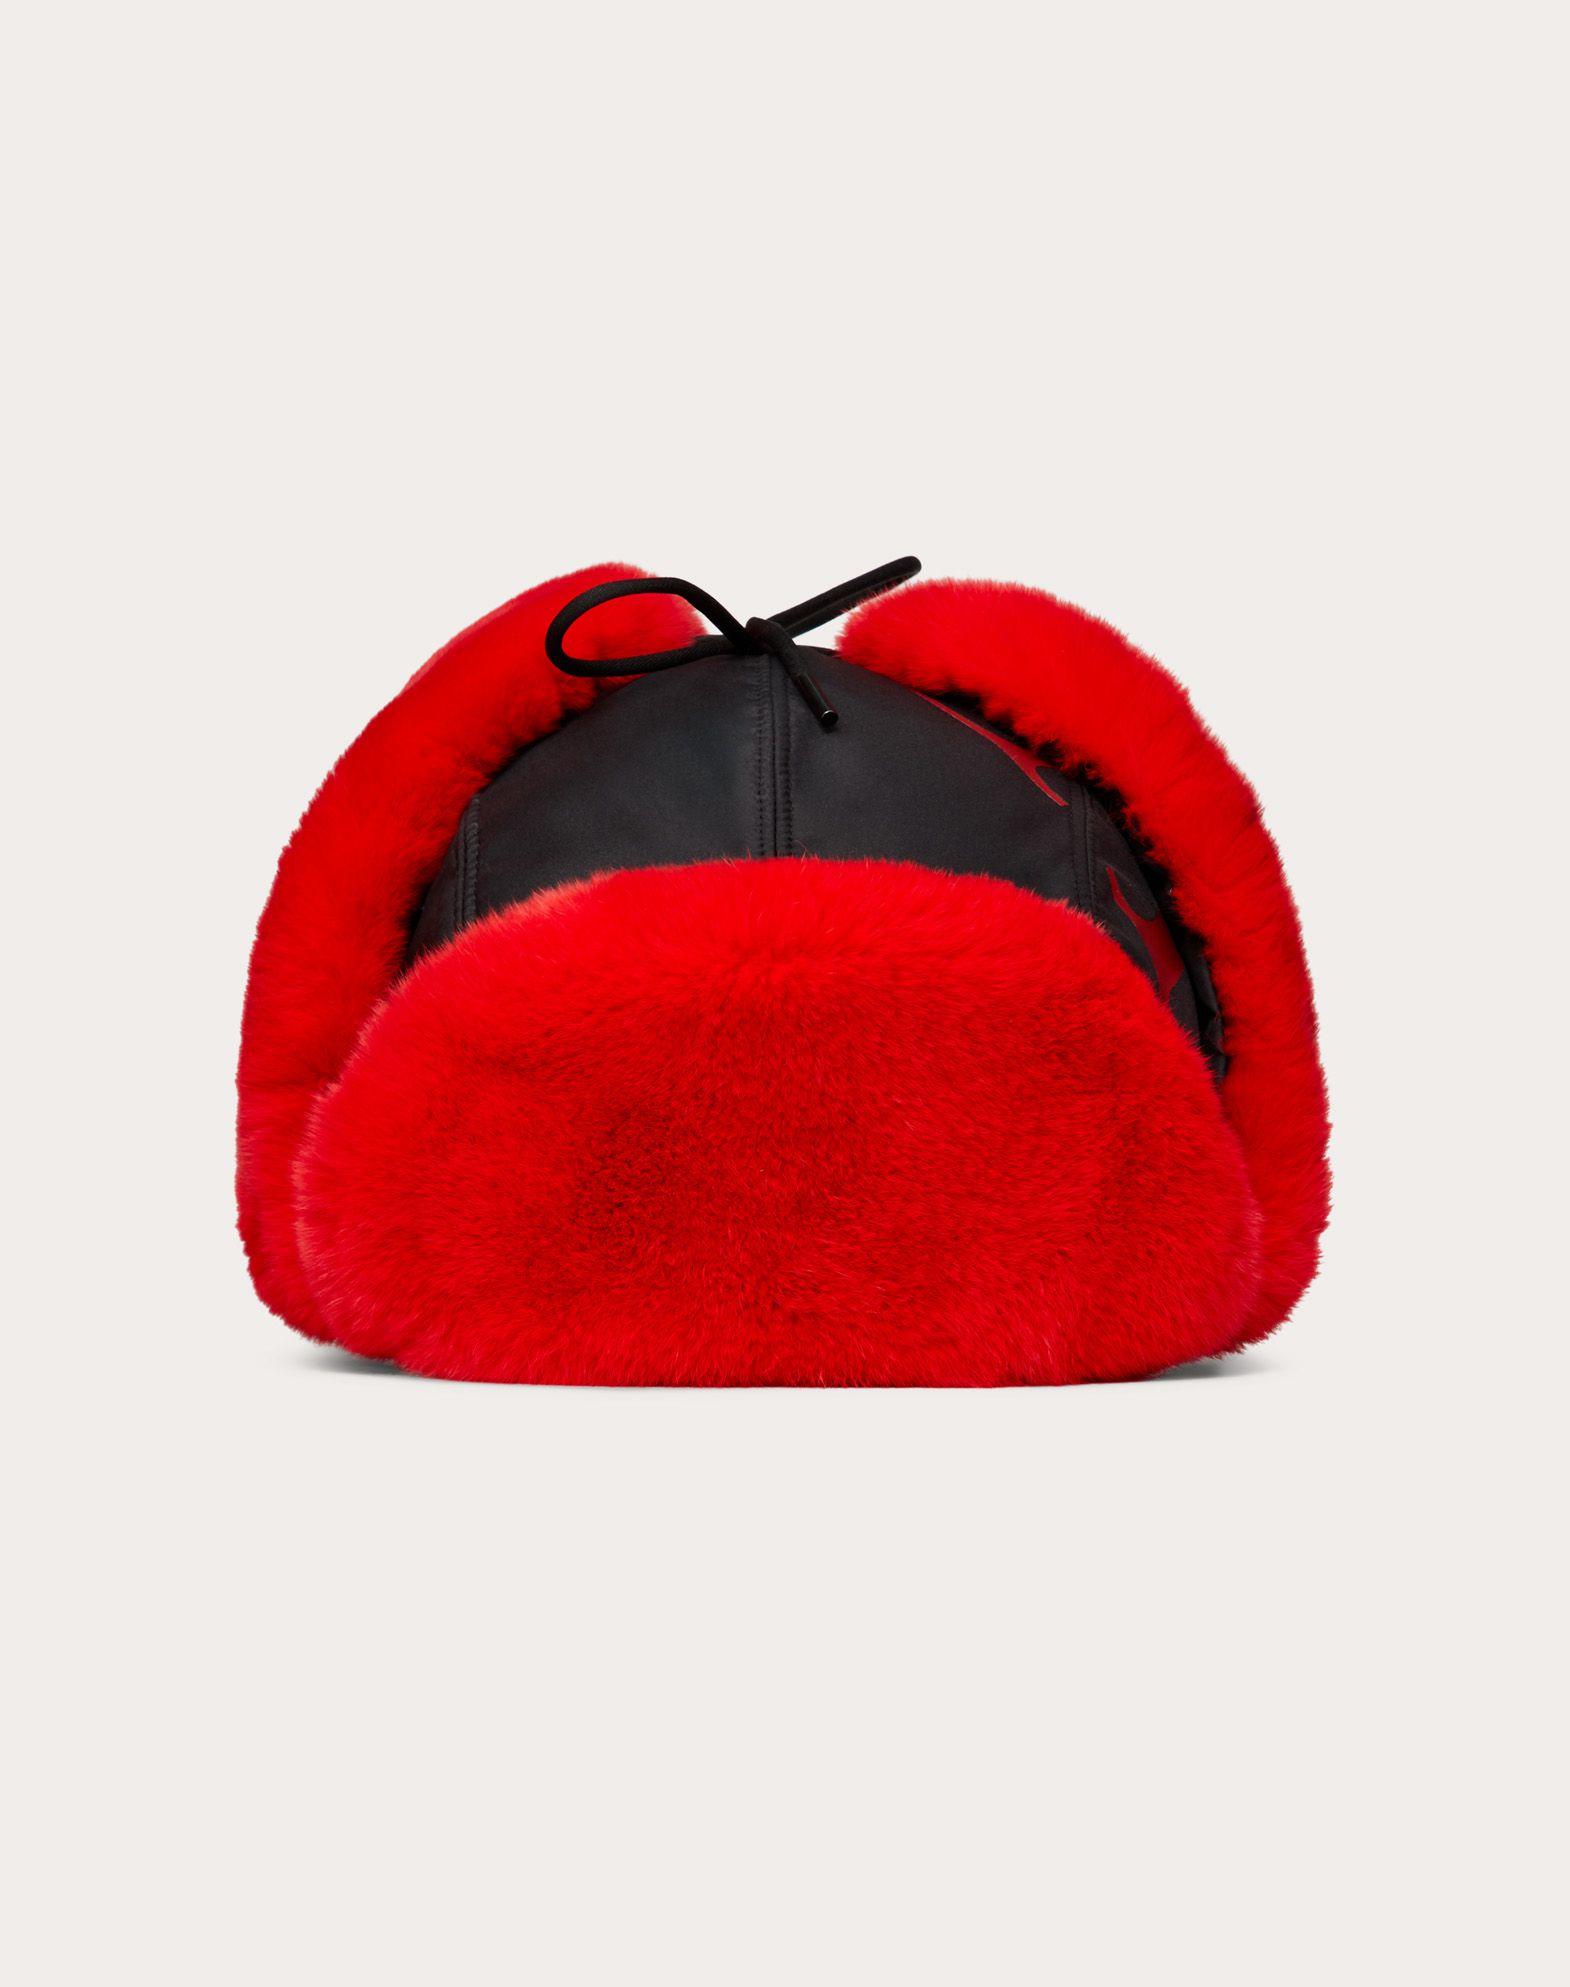 VLOGO aviator hat